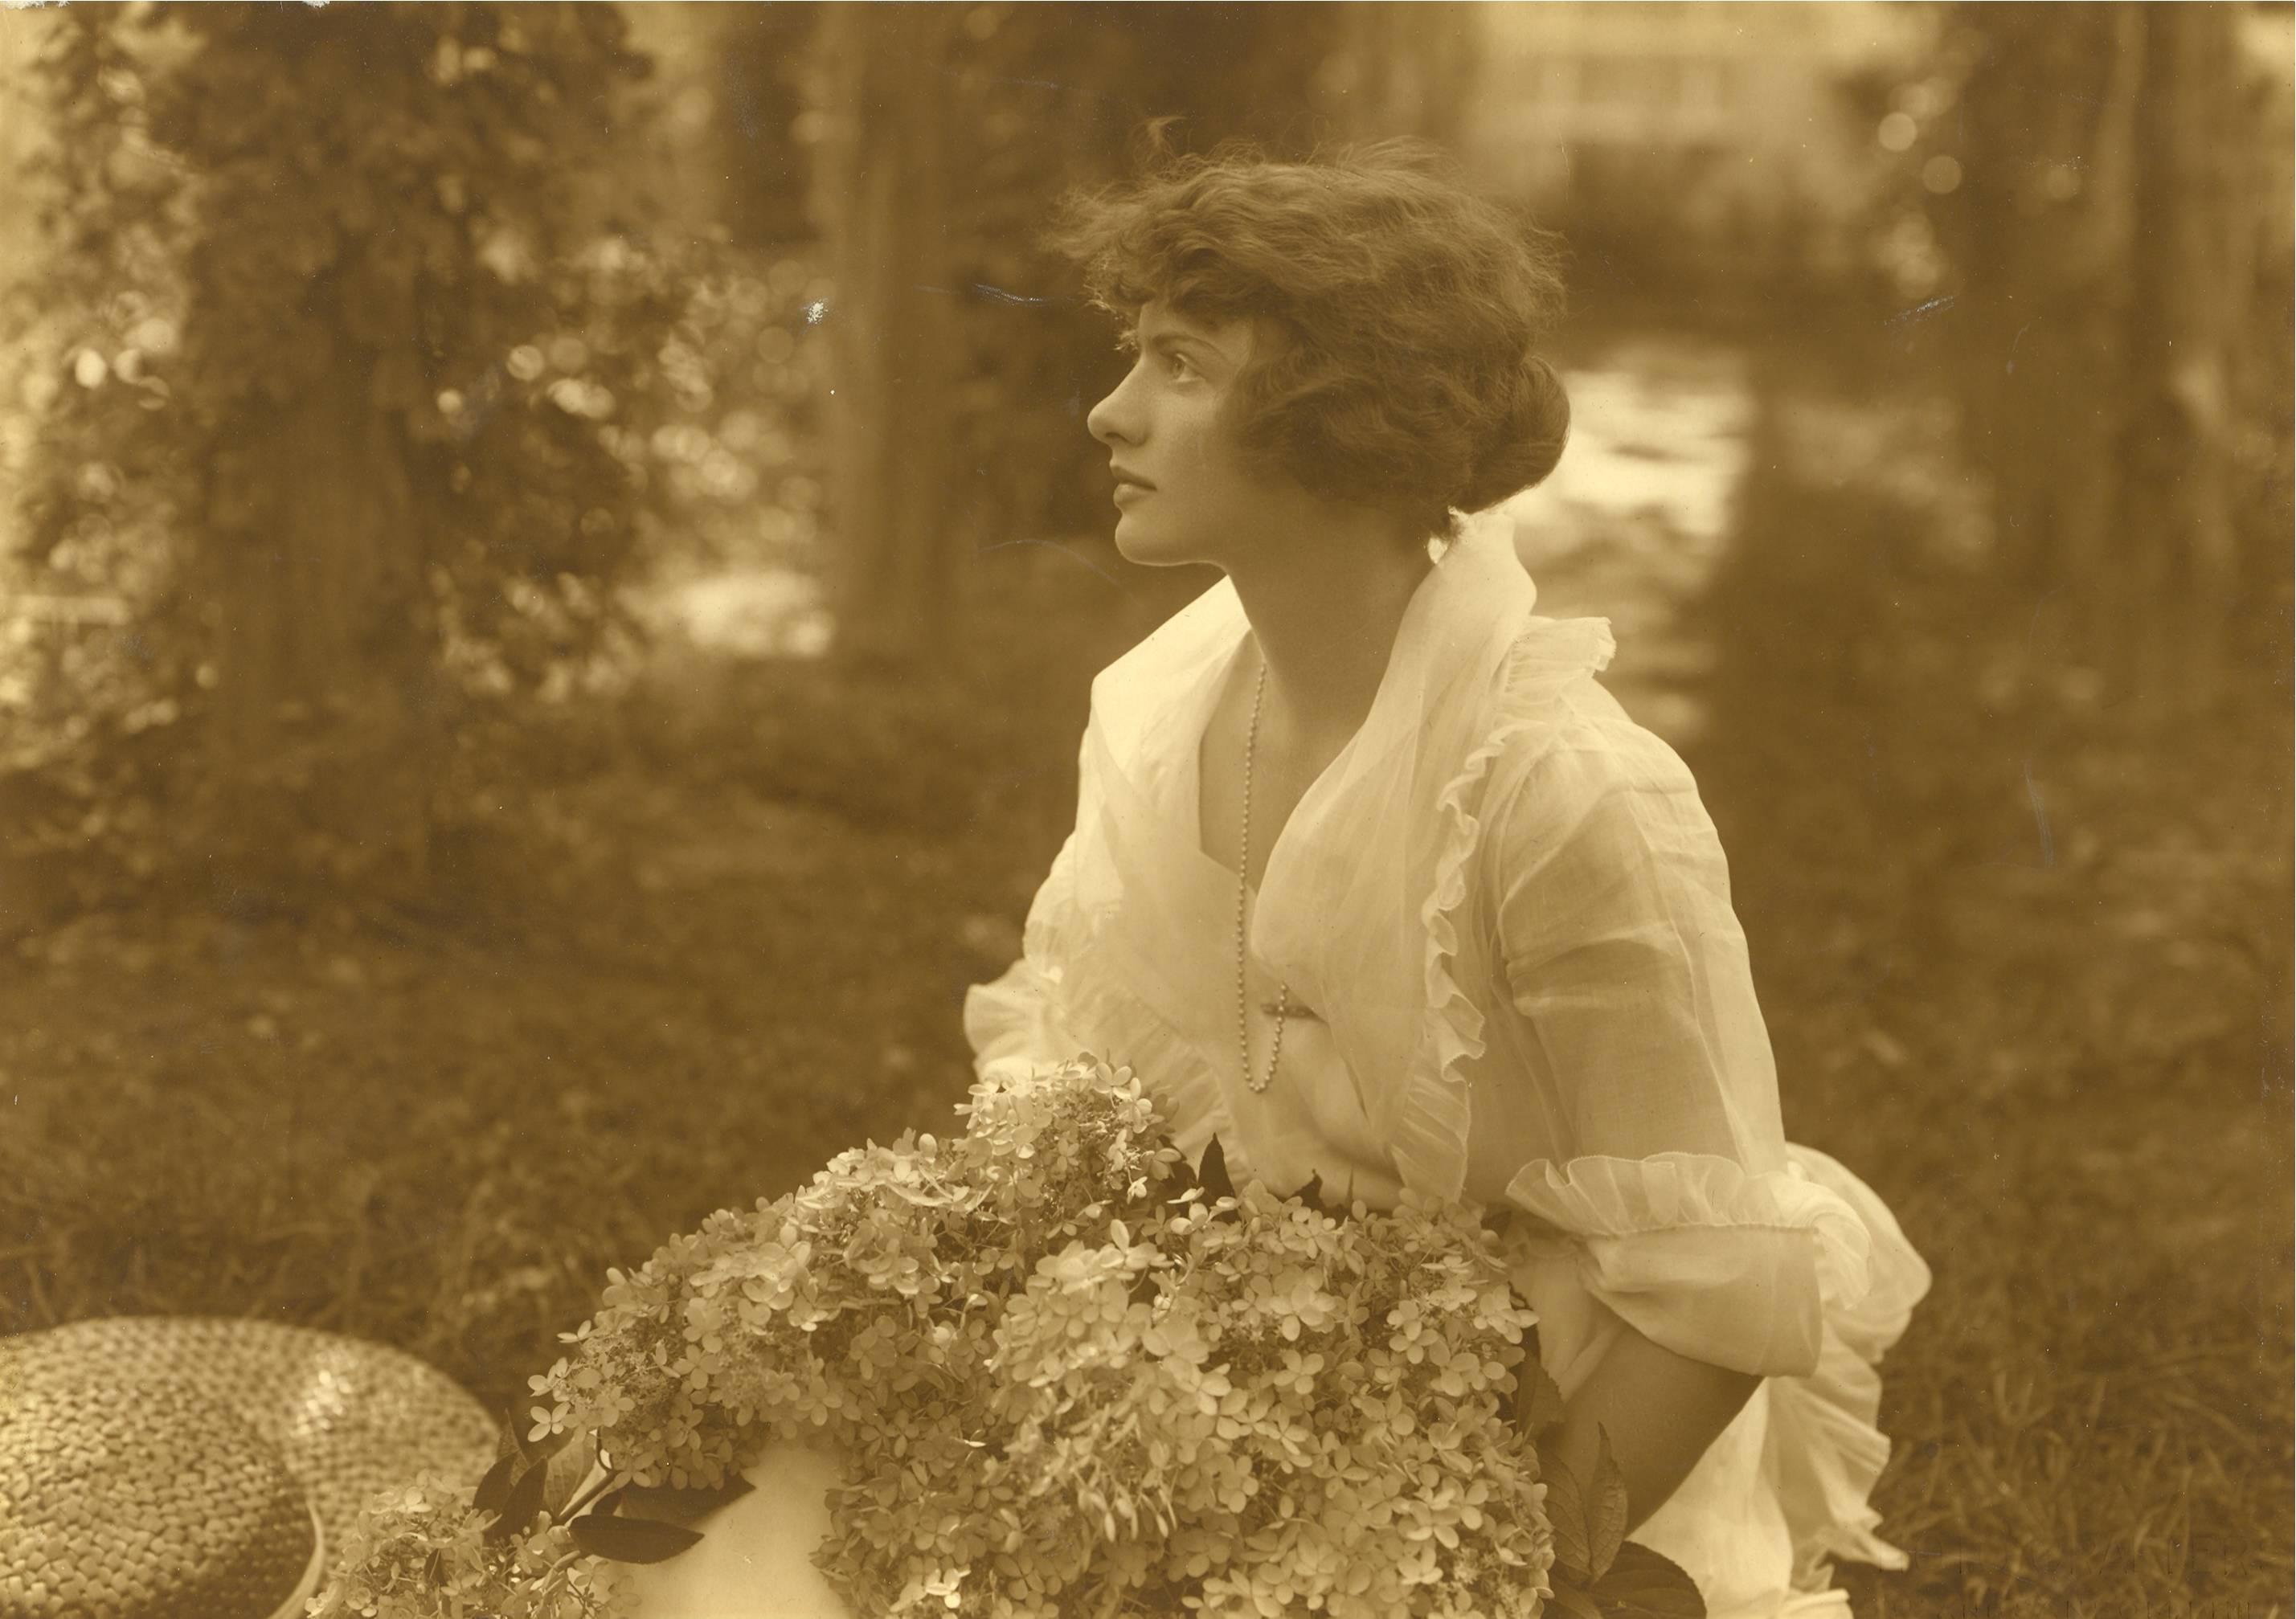 Une jeune femme de profil tient un imposant bouquet de fleurs. Elle porte une blouse blanche légère.